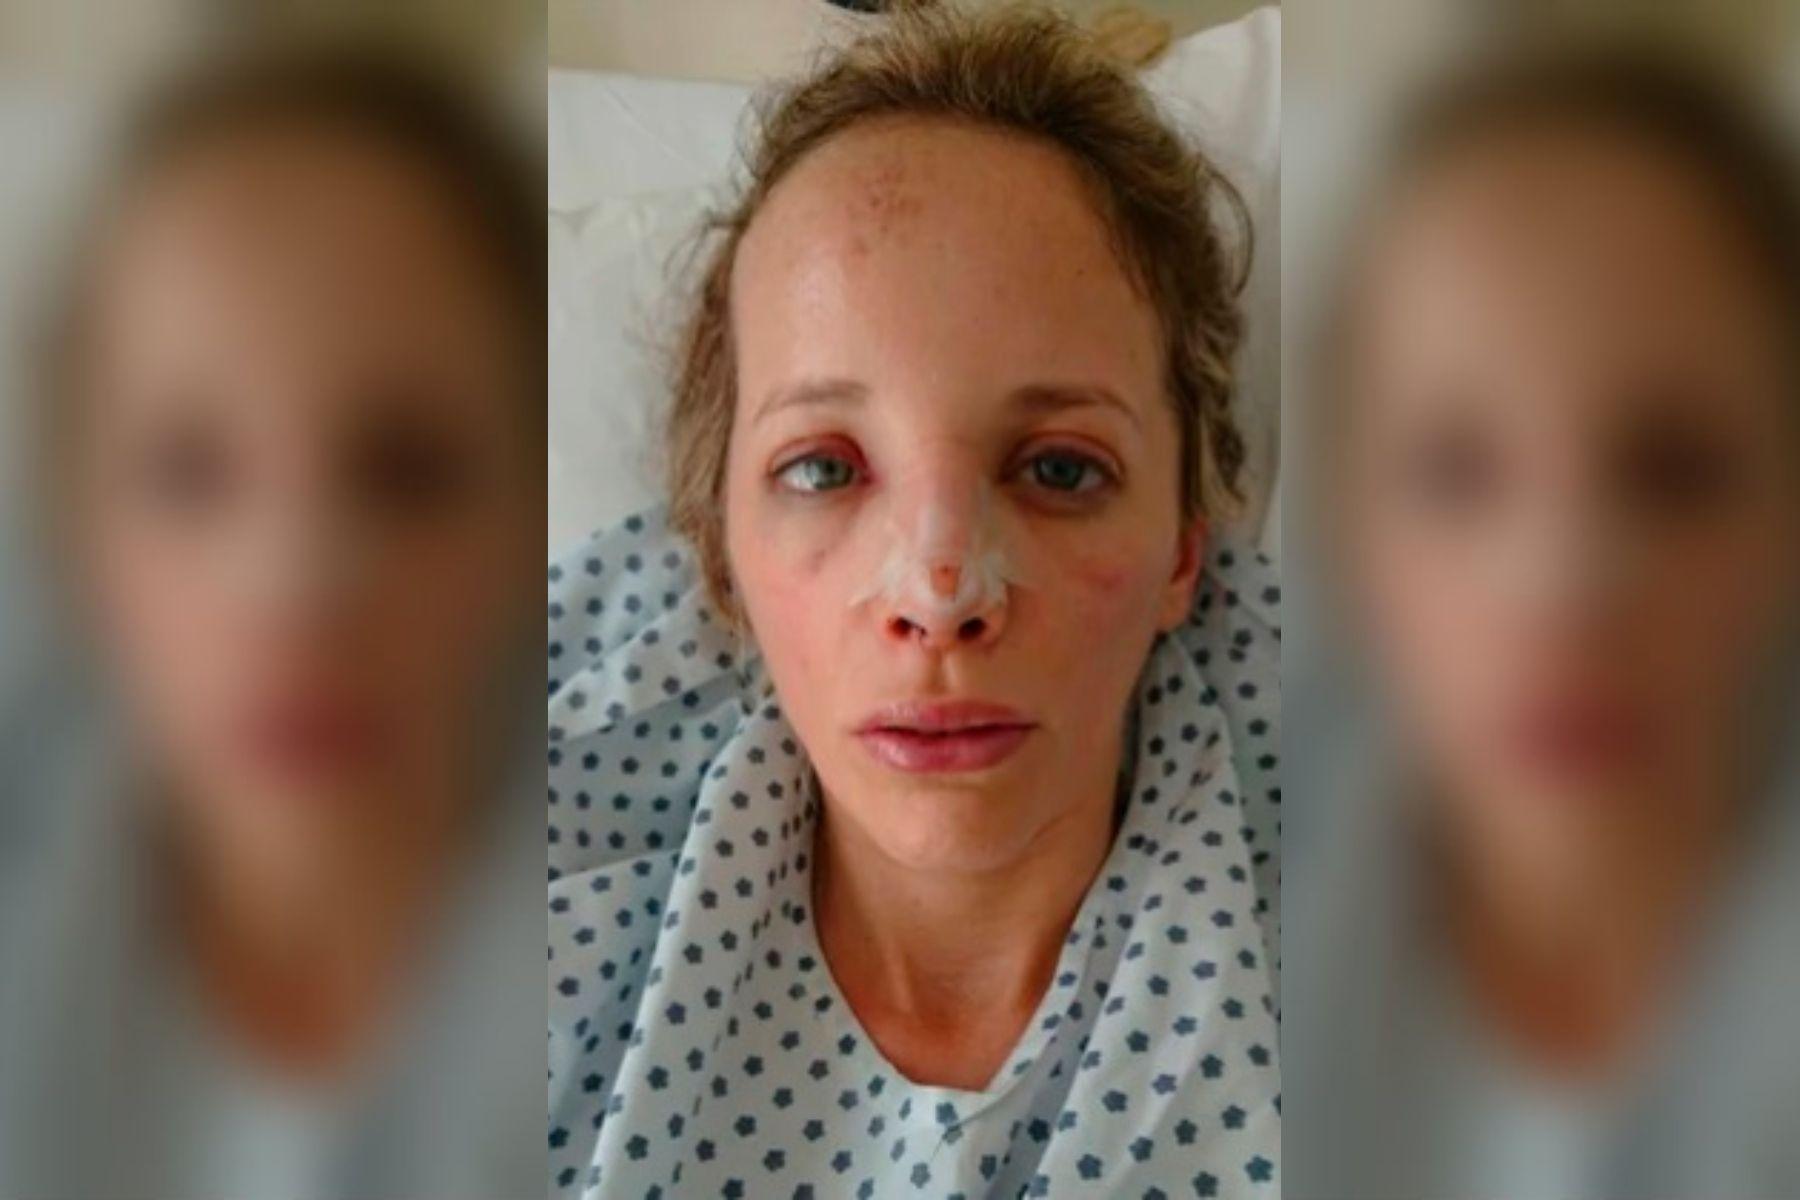 La desfiguraron hace cuatro meses mientras caminaba por Caballito y aún no sabe quién fue el atacante